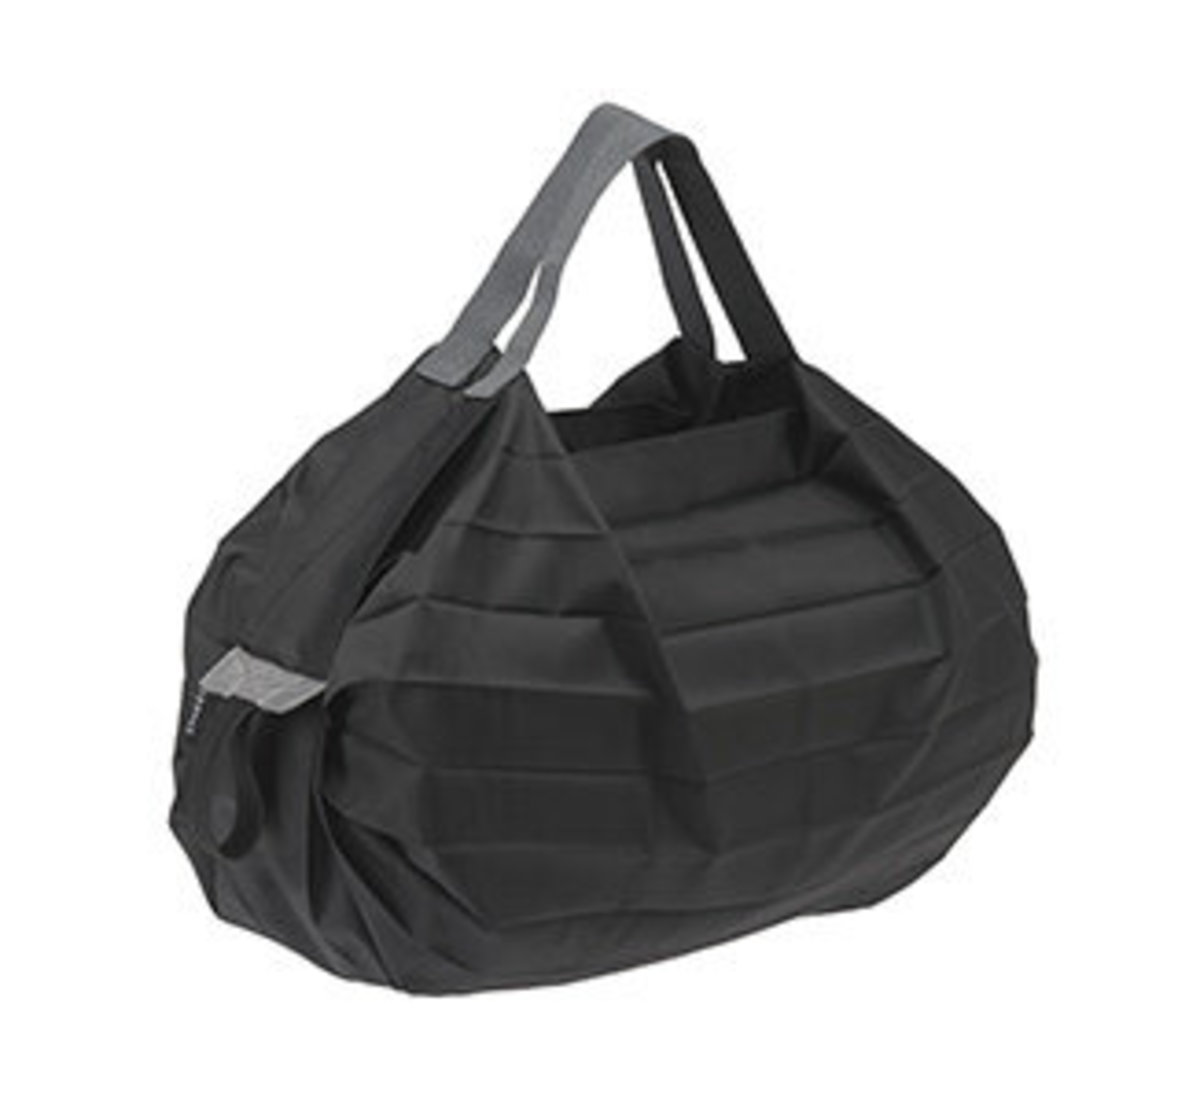 【S440BK】黑色 - 日本便攜秒收手提環保袋 (7.5L / 3kg)